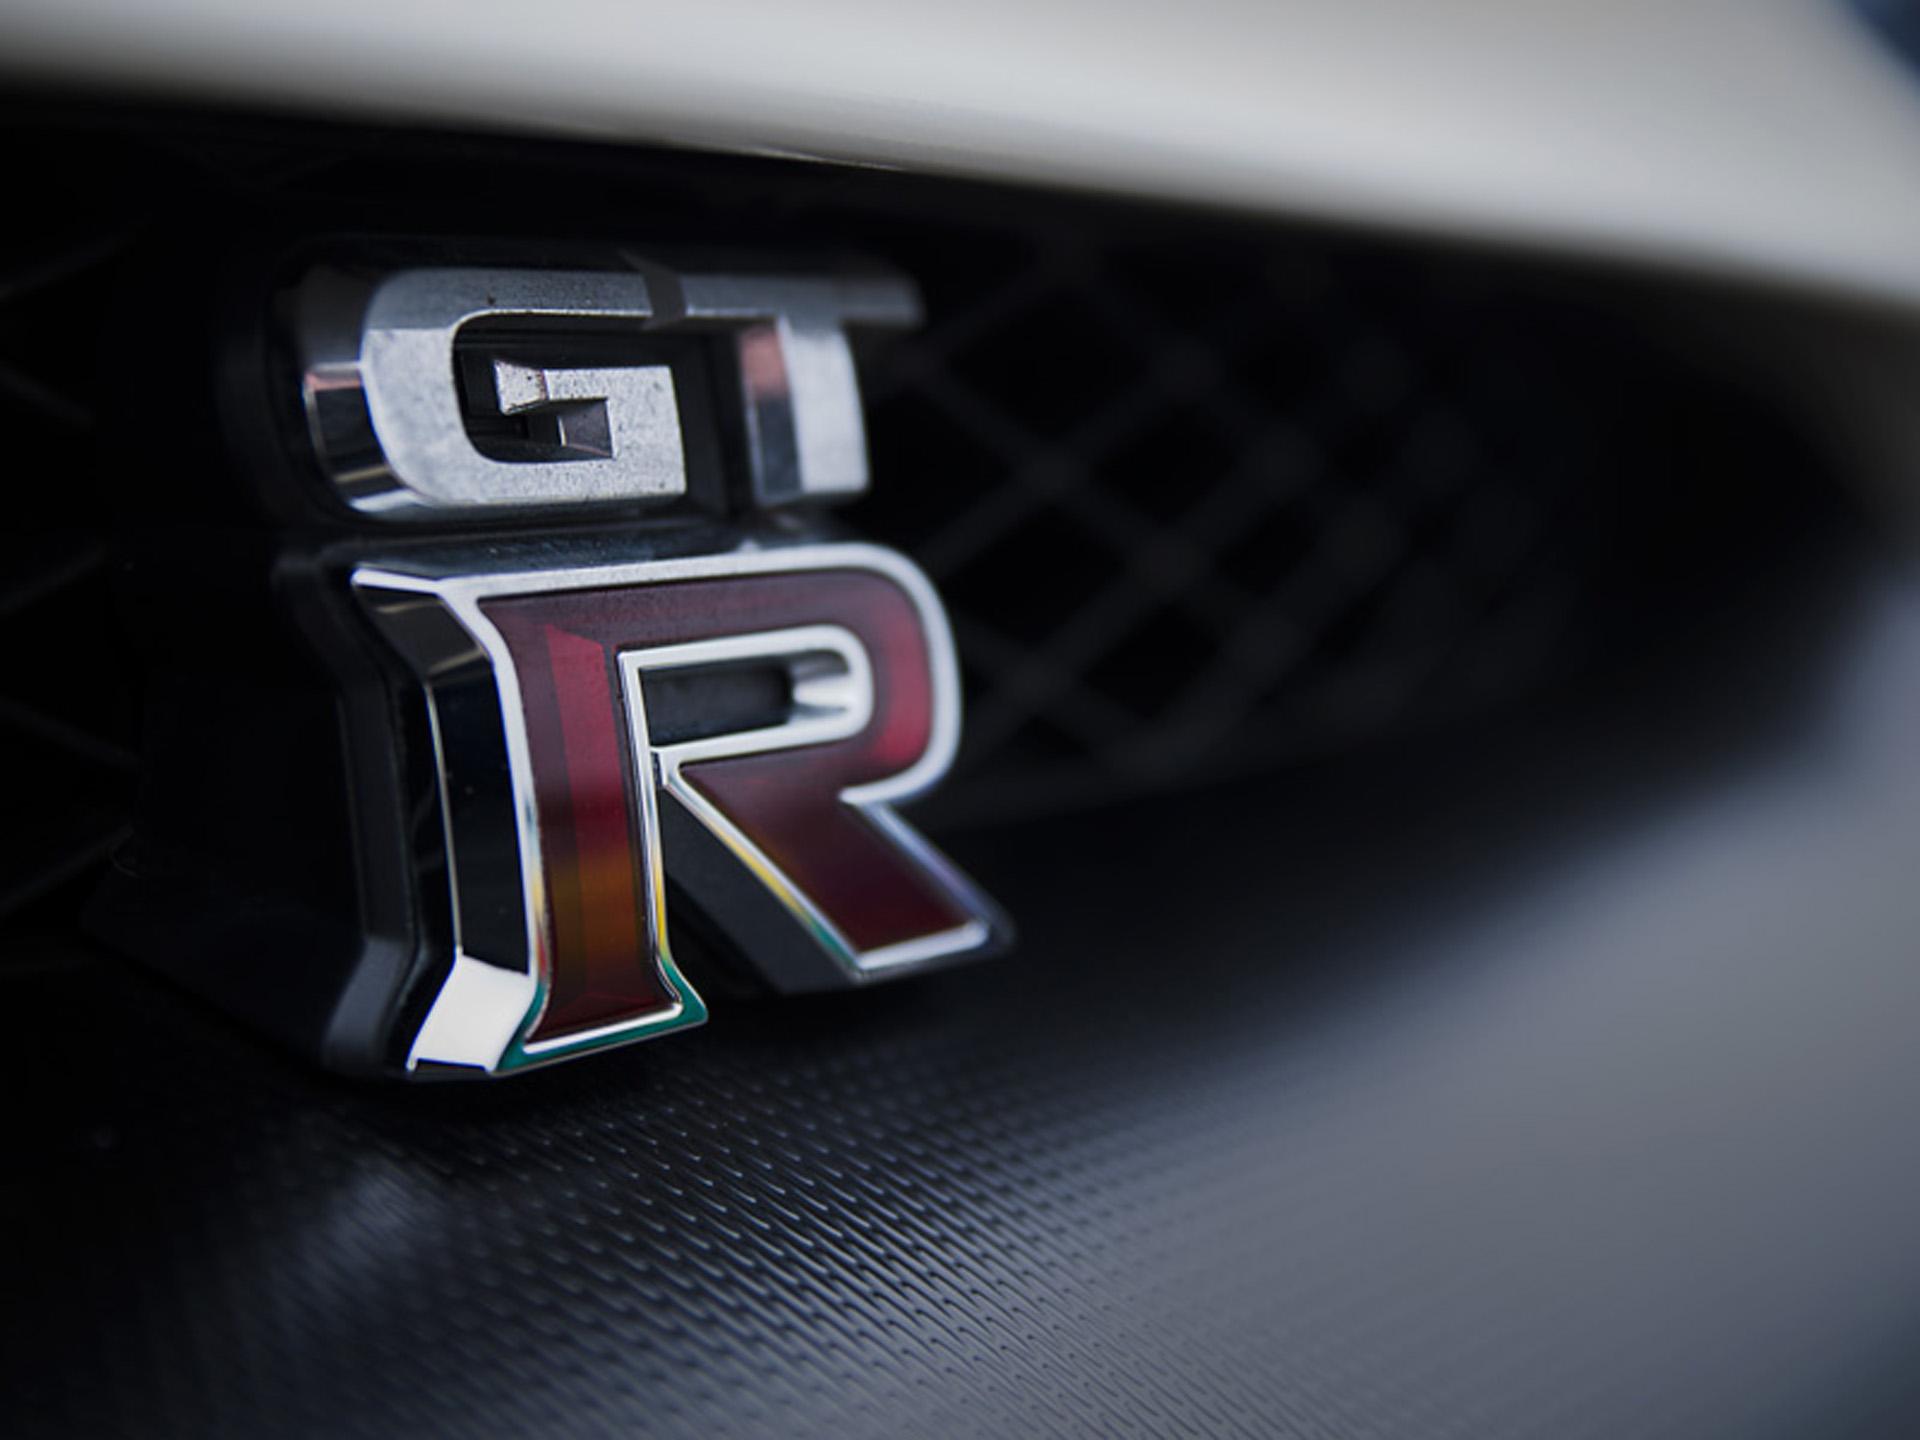 Desde sus primeros años, Nissan ha diseñado su característico término de deportivos, obedeciendo a su empleo de tecnología y con un diseño muy particular. Siempre sabremos que se trata de un Nissan y eso es algo bueno. Foto: Flickr